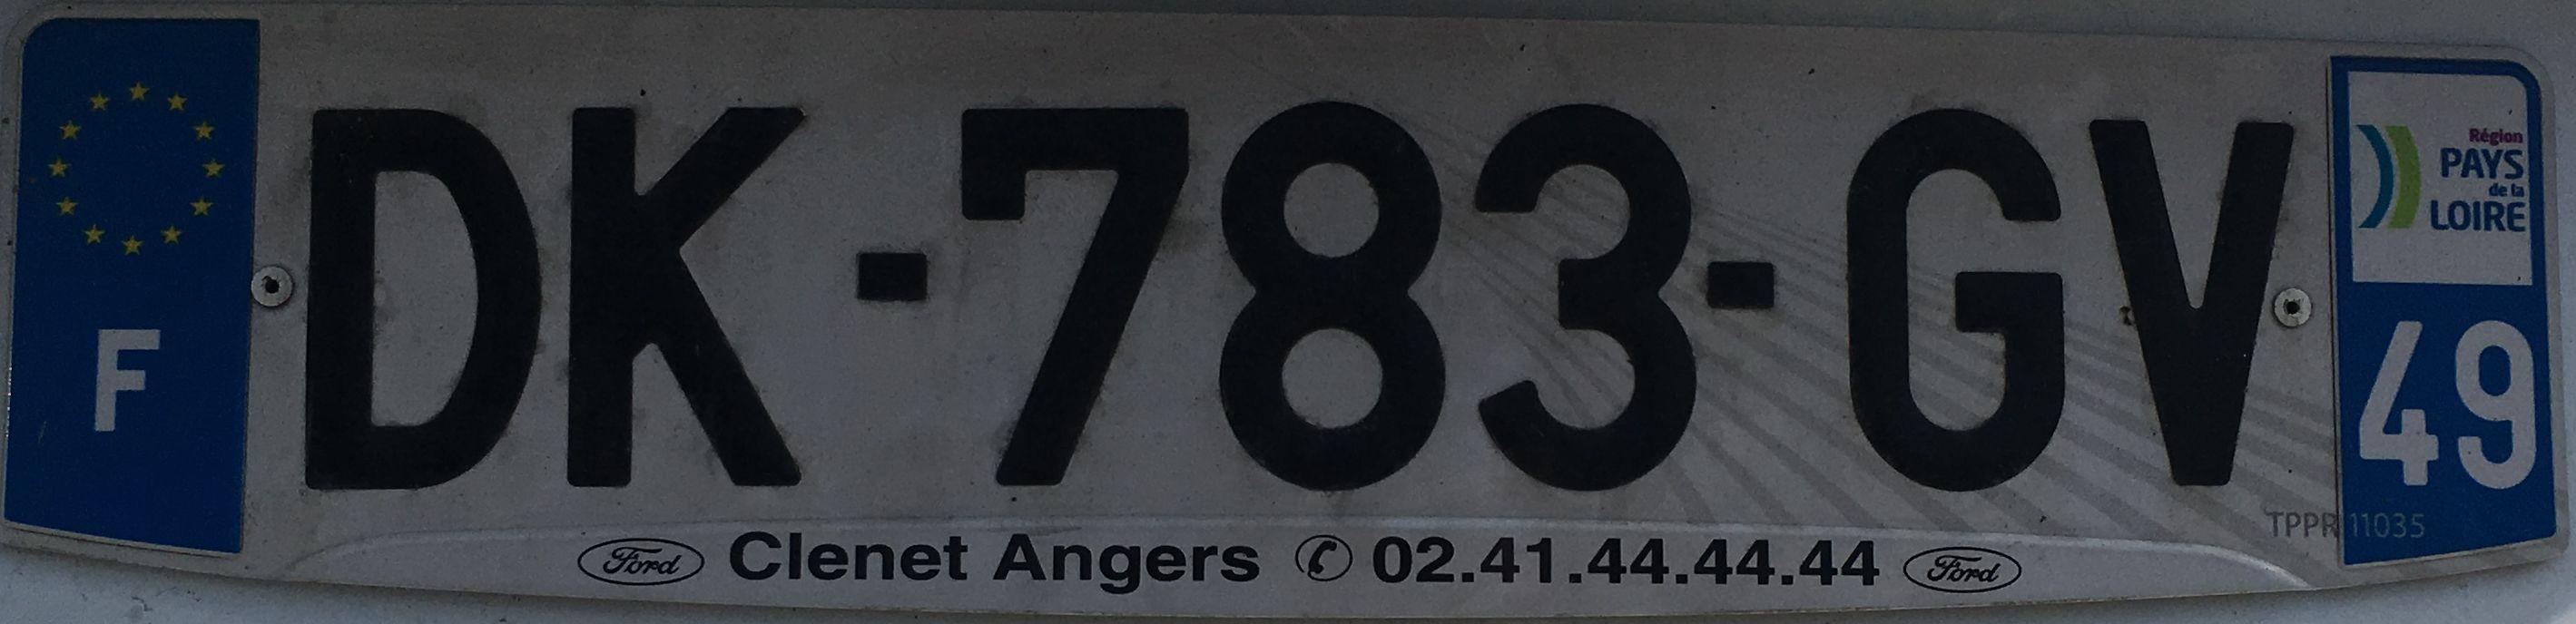 Francouzská registrační značka - 49 - Maine-et-Loire, foto:www.podalnici.cz